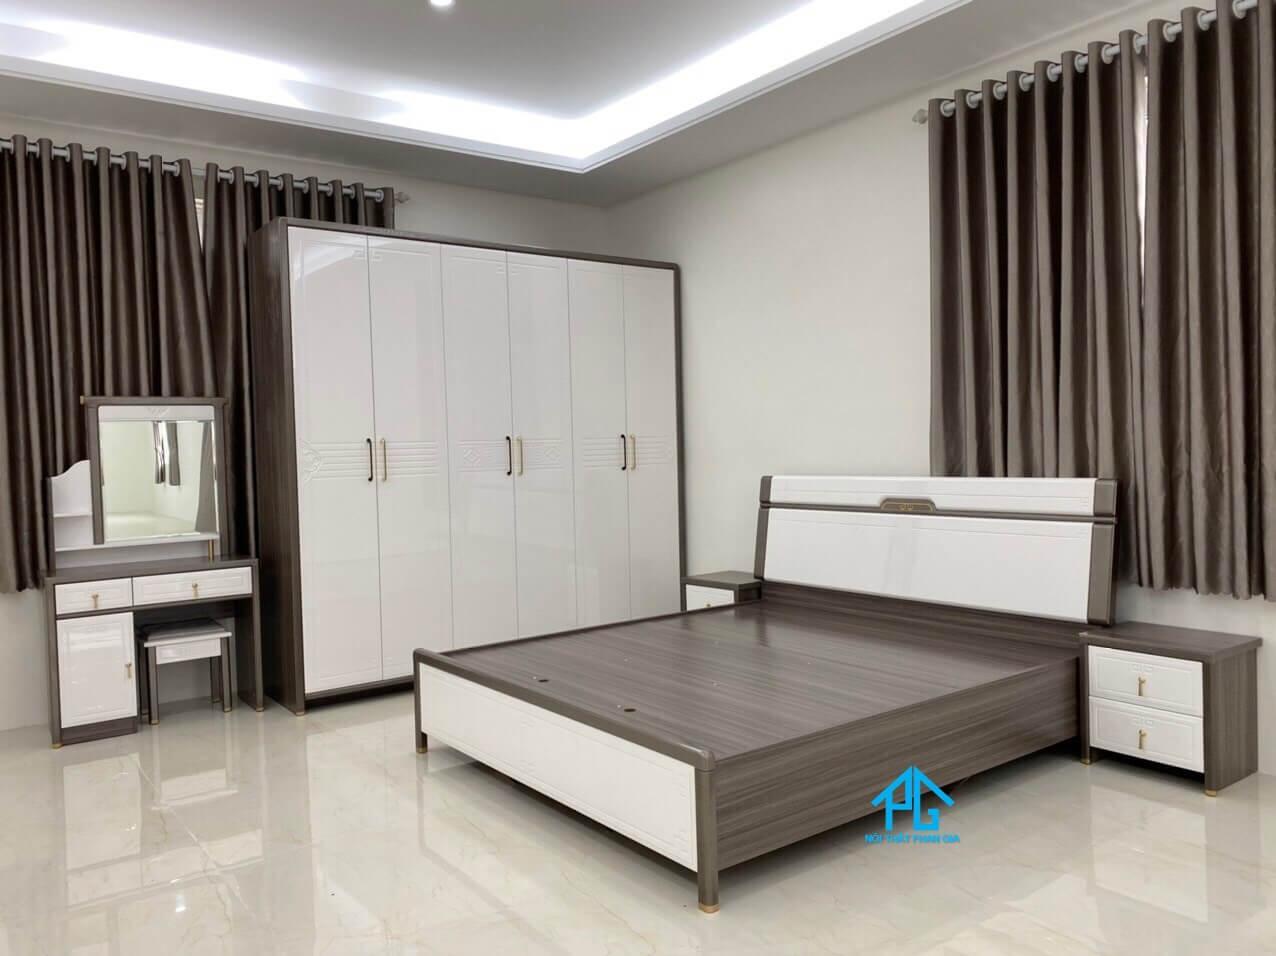 giường ngủ gỗ mdf 1m6